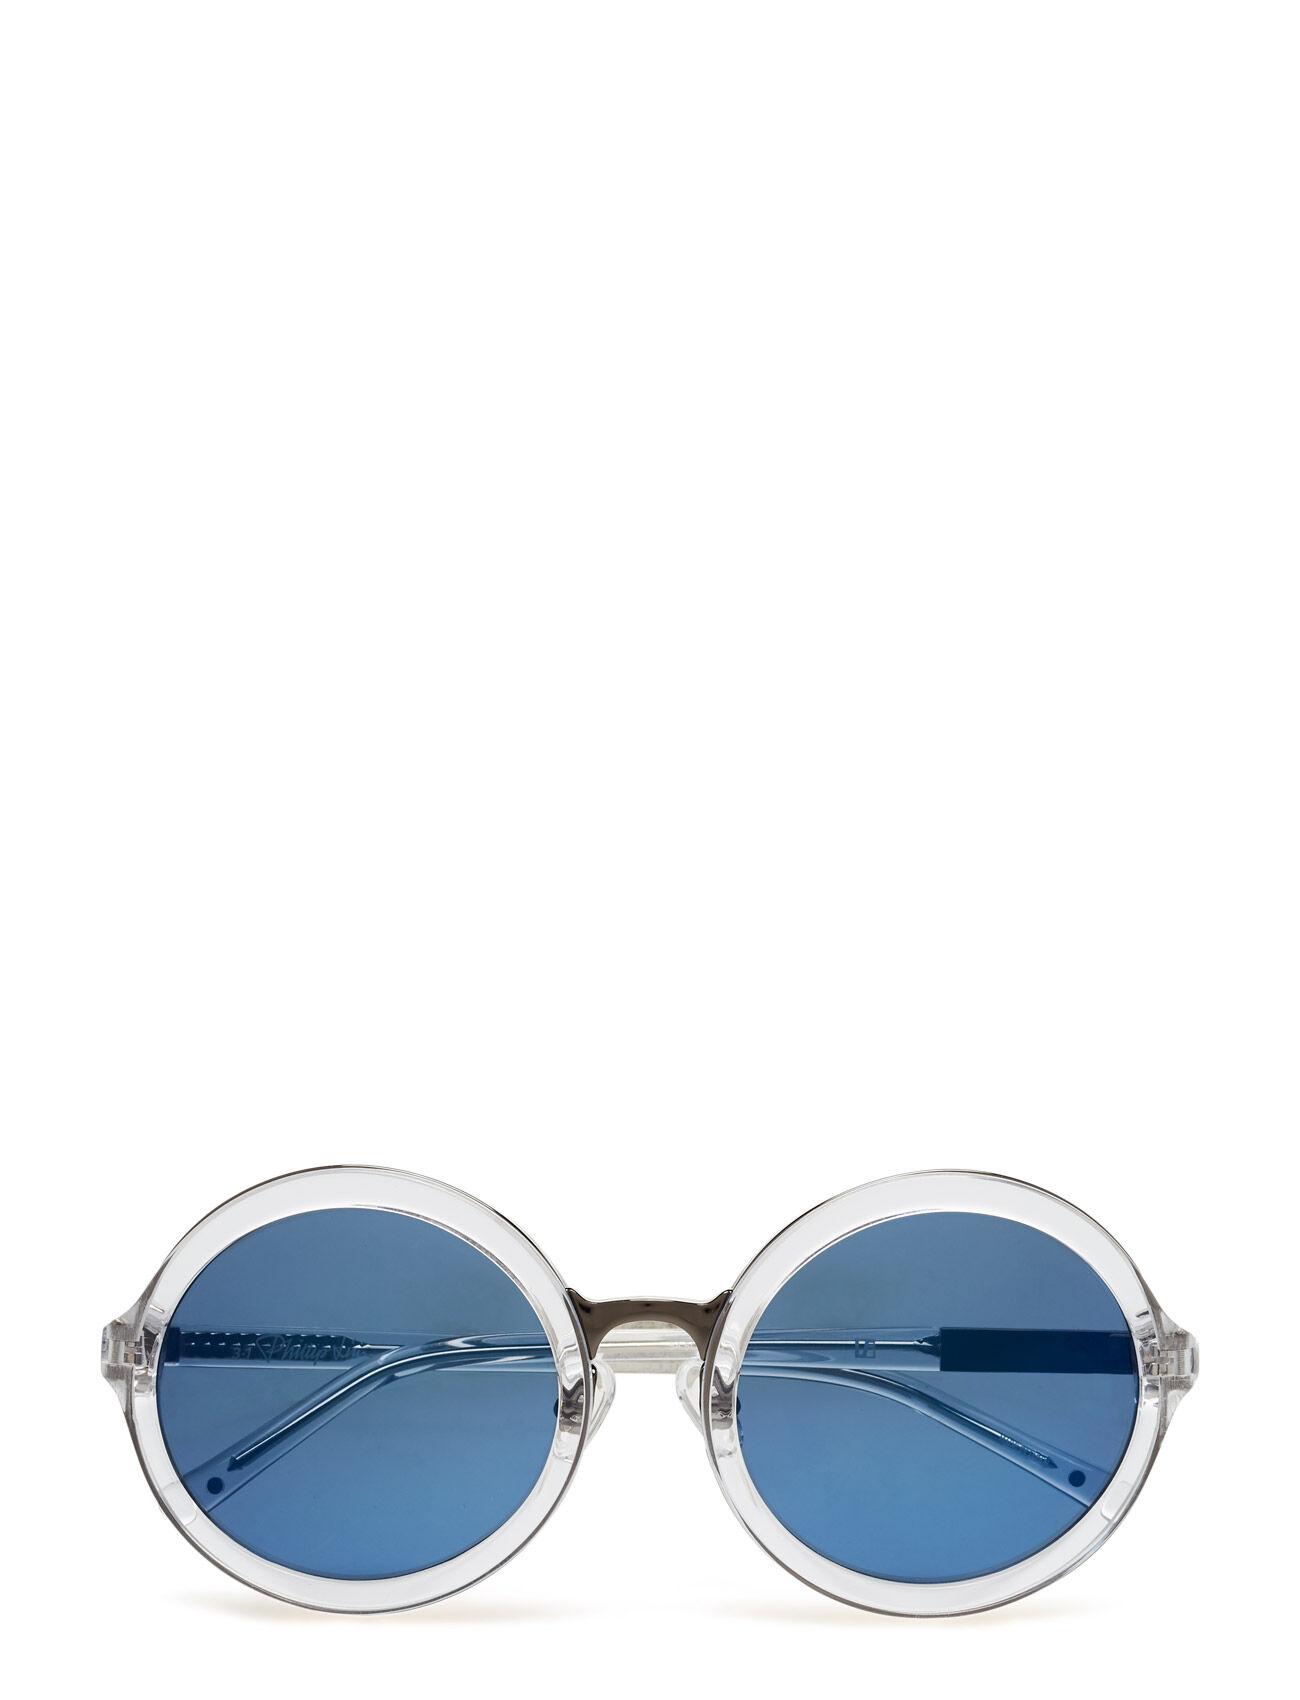 3.1 Phillip Lim Sunglasses Phillip Lim 11 C25